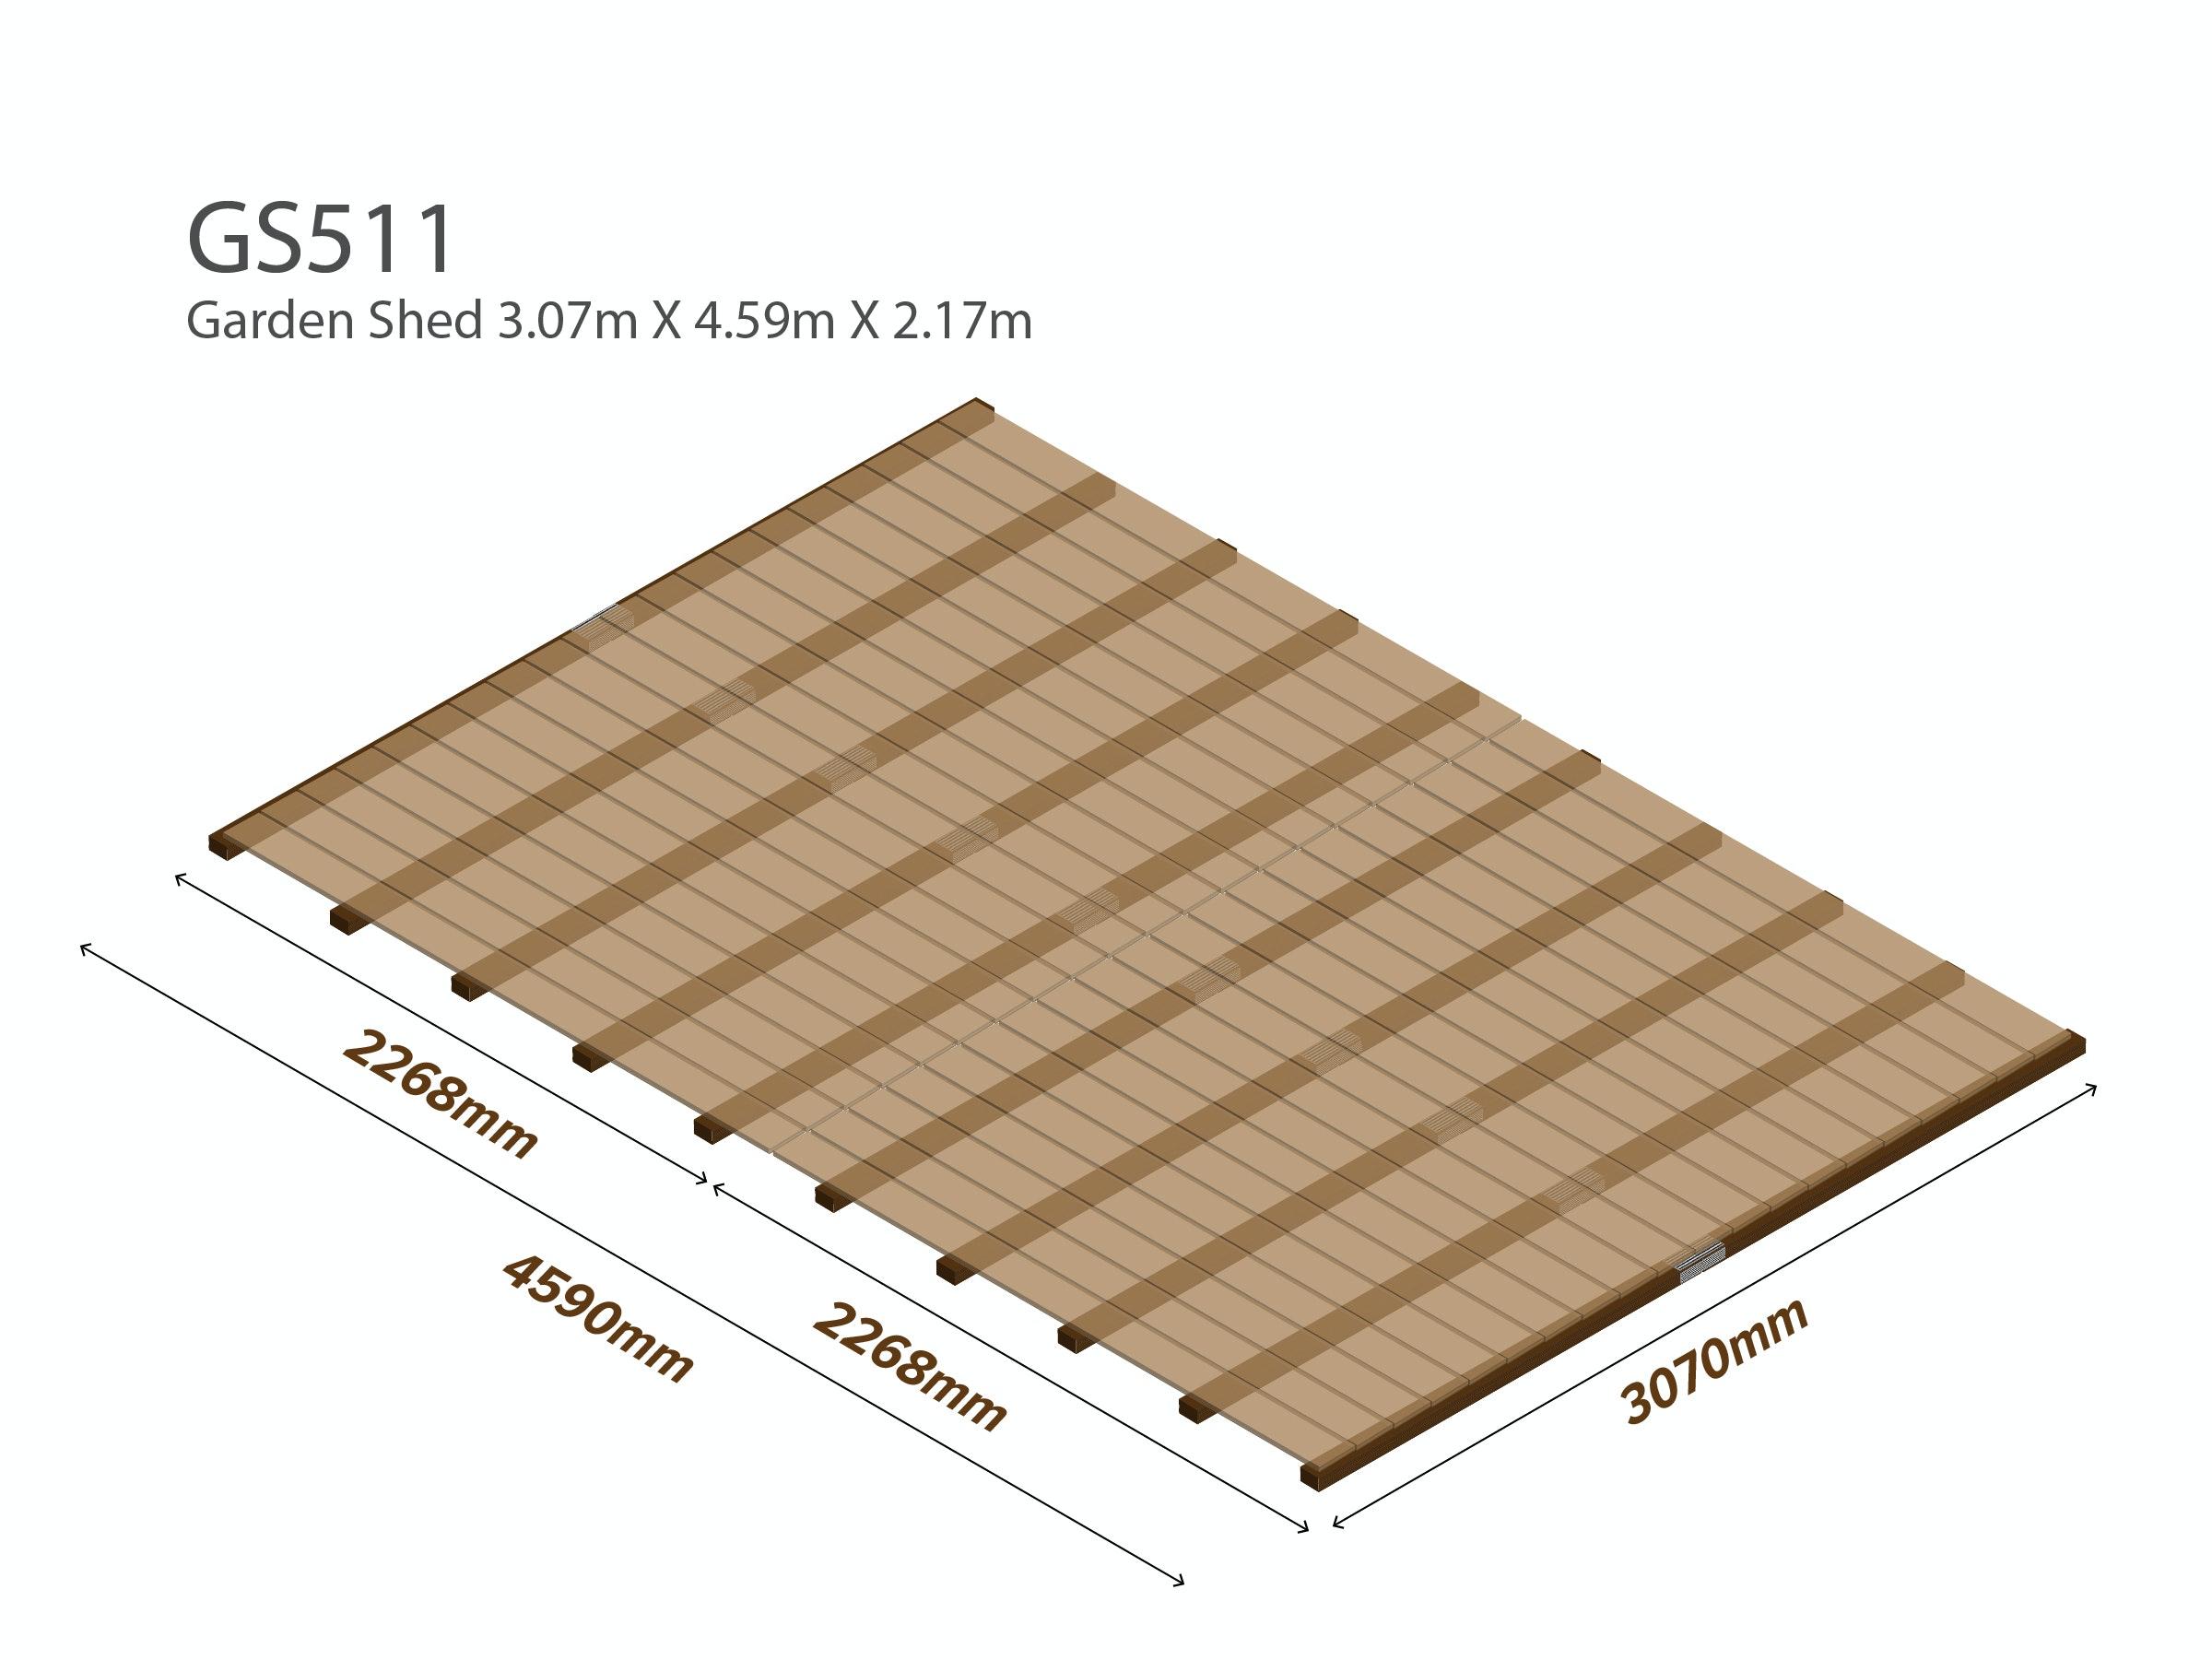 Workshop Shed Wooden Floor Kit 3.07m x 4.59m